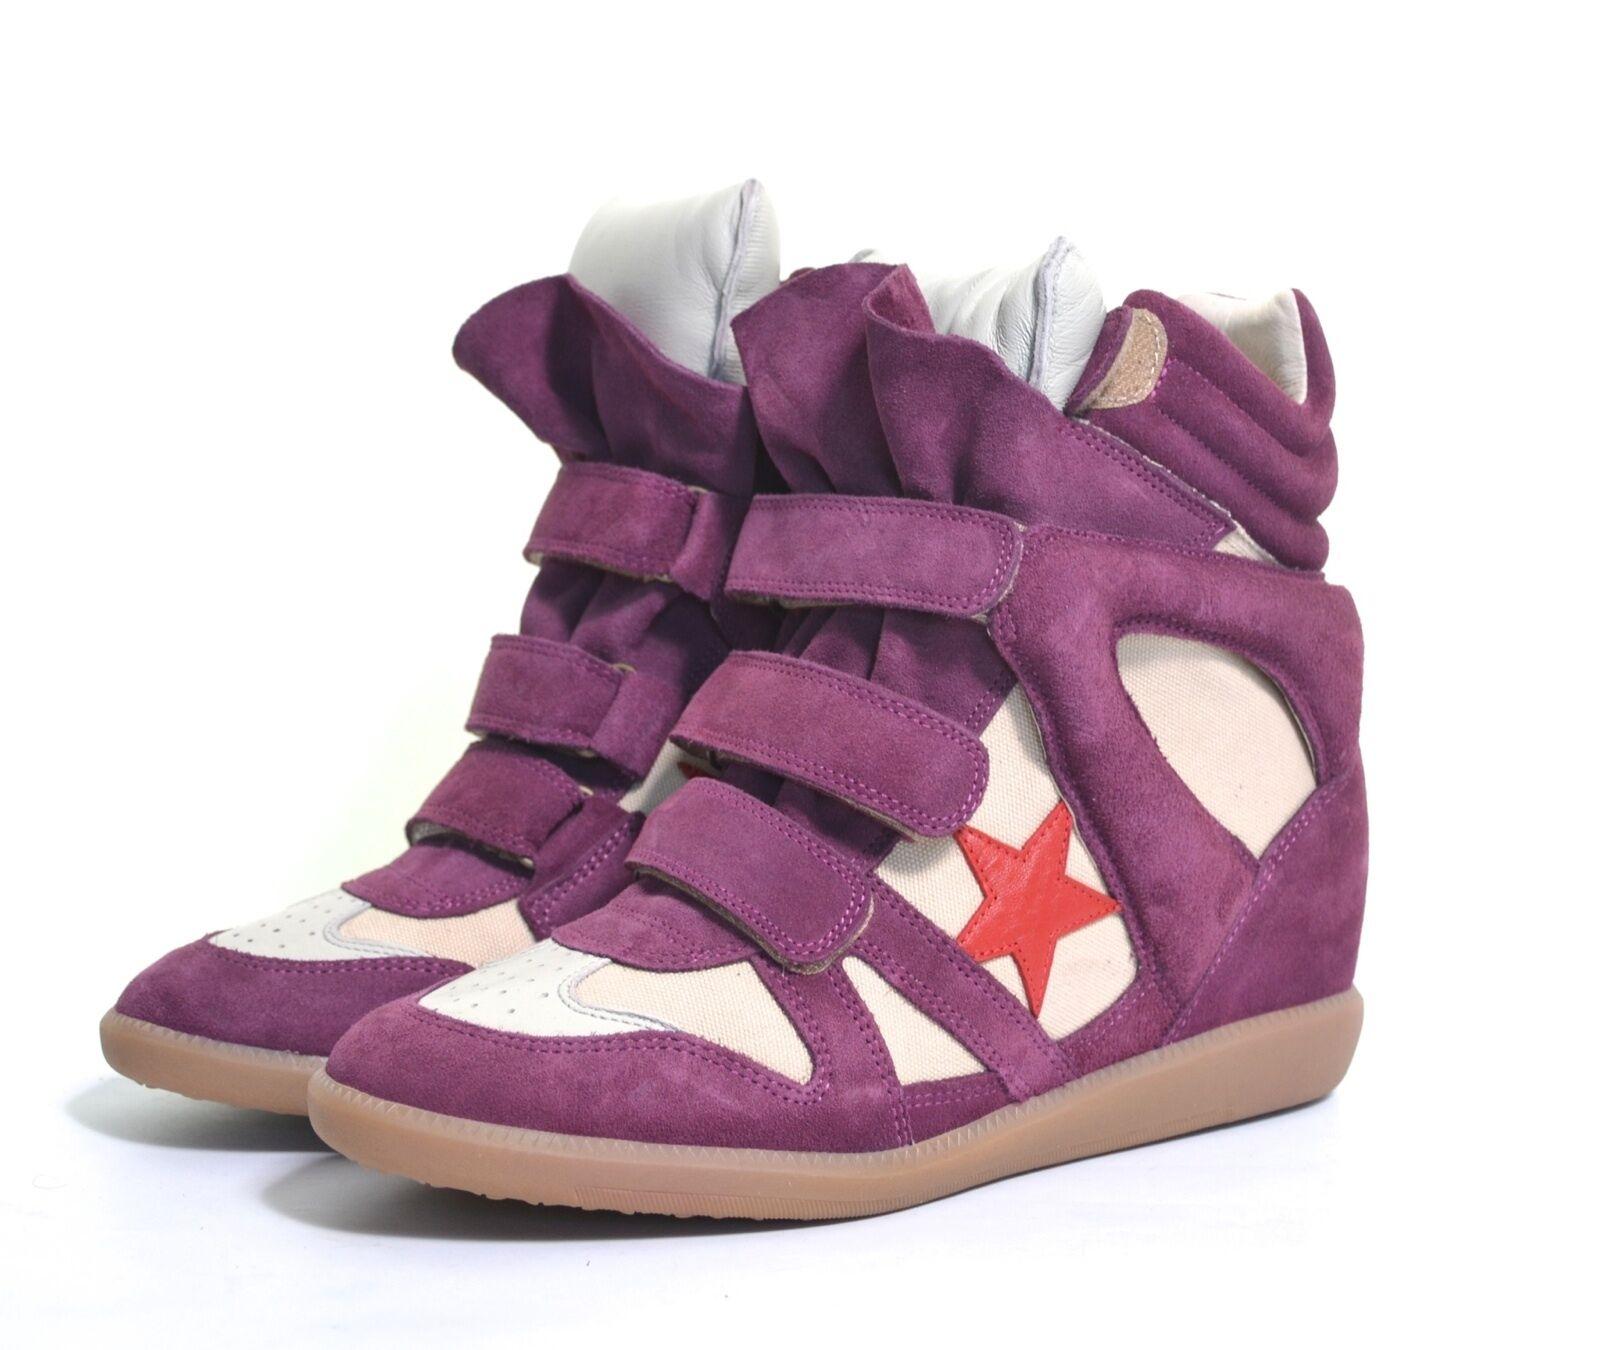 modelo más vendido de la marca Isabel Marant Bayley en cesta Americana formadores Zapatillas Us 11